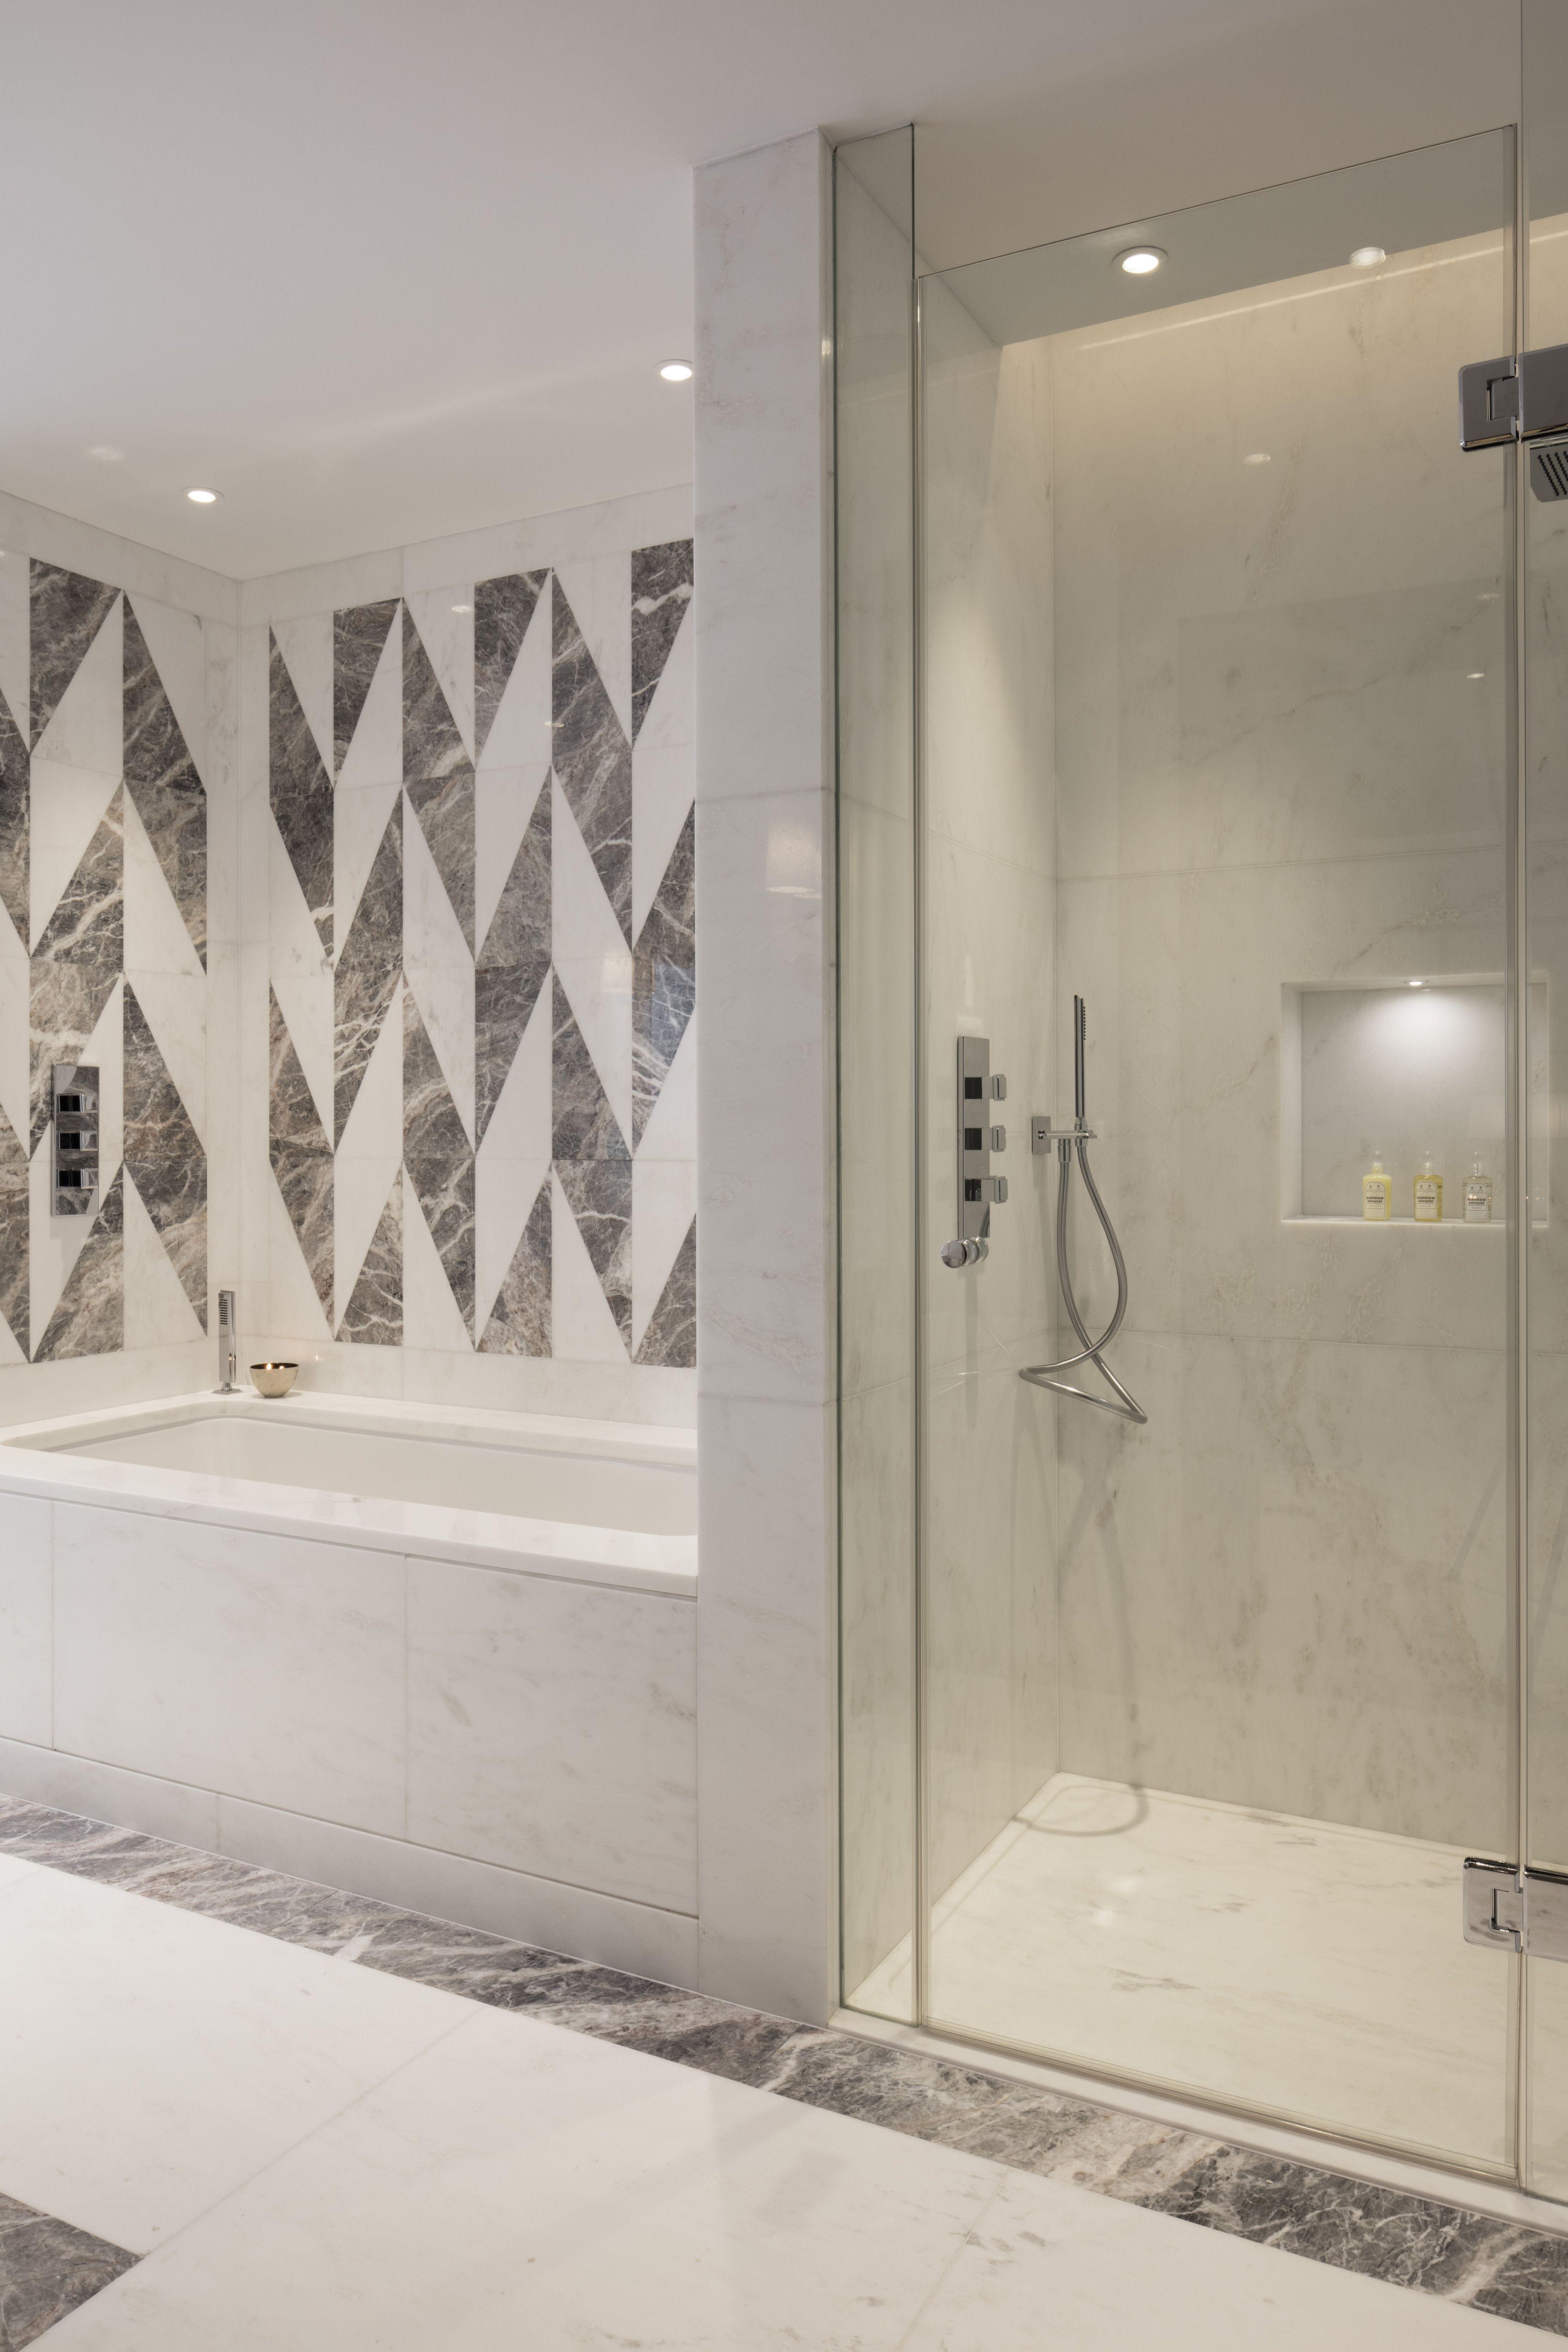 Badezimmer Einrichten 13 Uberraschende Ideen In 2020 Badezimmer